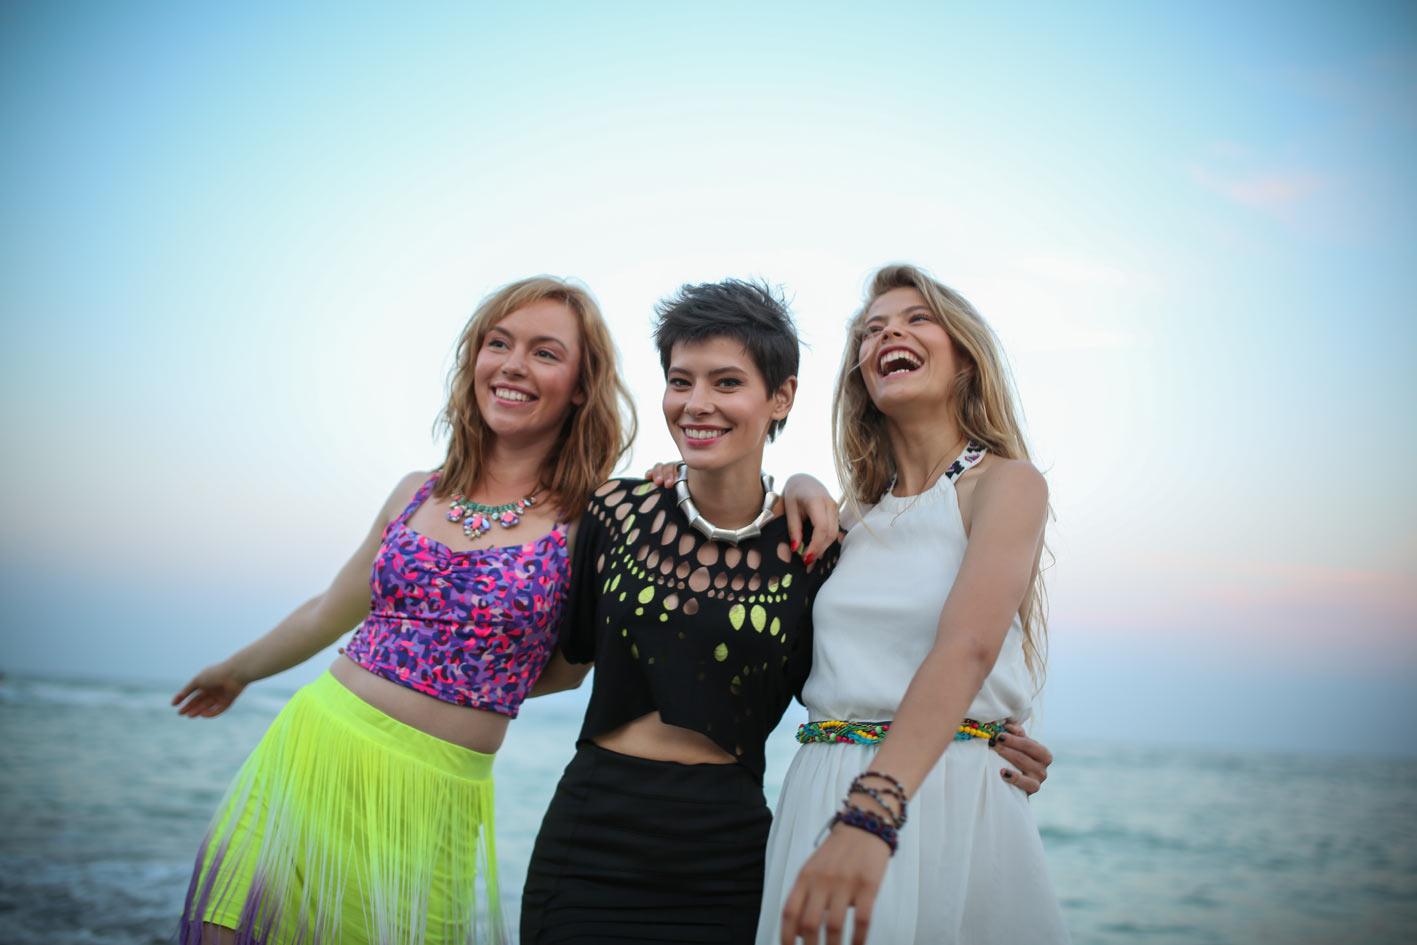 Grasa (Roxana - Olimpia Melinte), Panarama (Yasmine - Crina Semciuc și Tocilara (Ana - Flavia Hojda. Niciuna chiar atât de grasă, panaramă și tocilară, de fapt